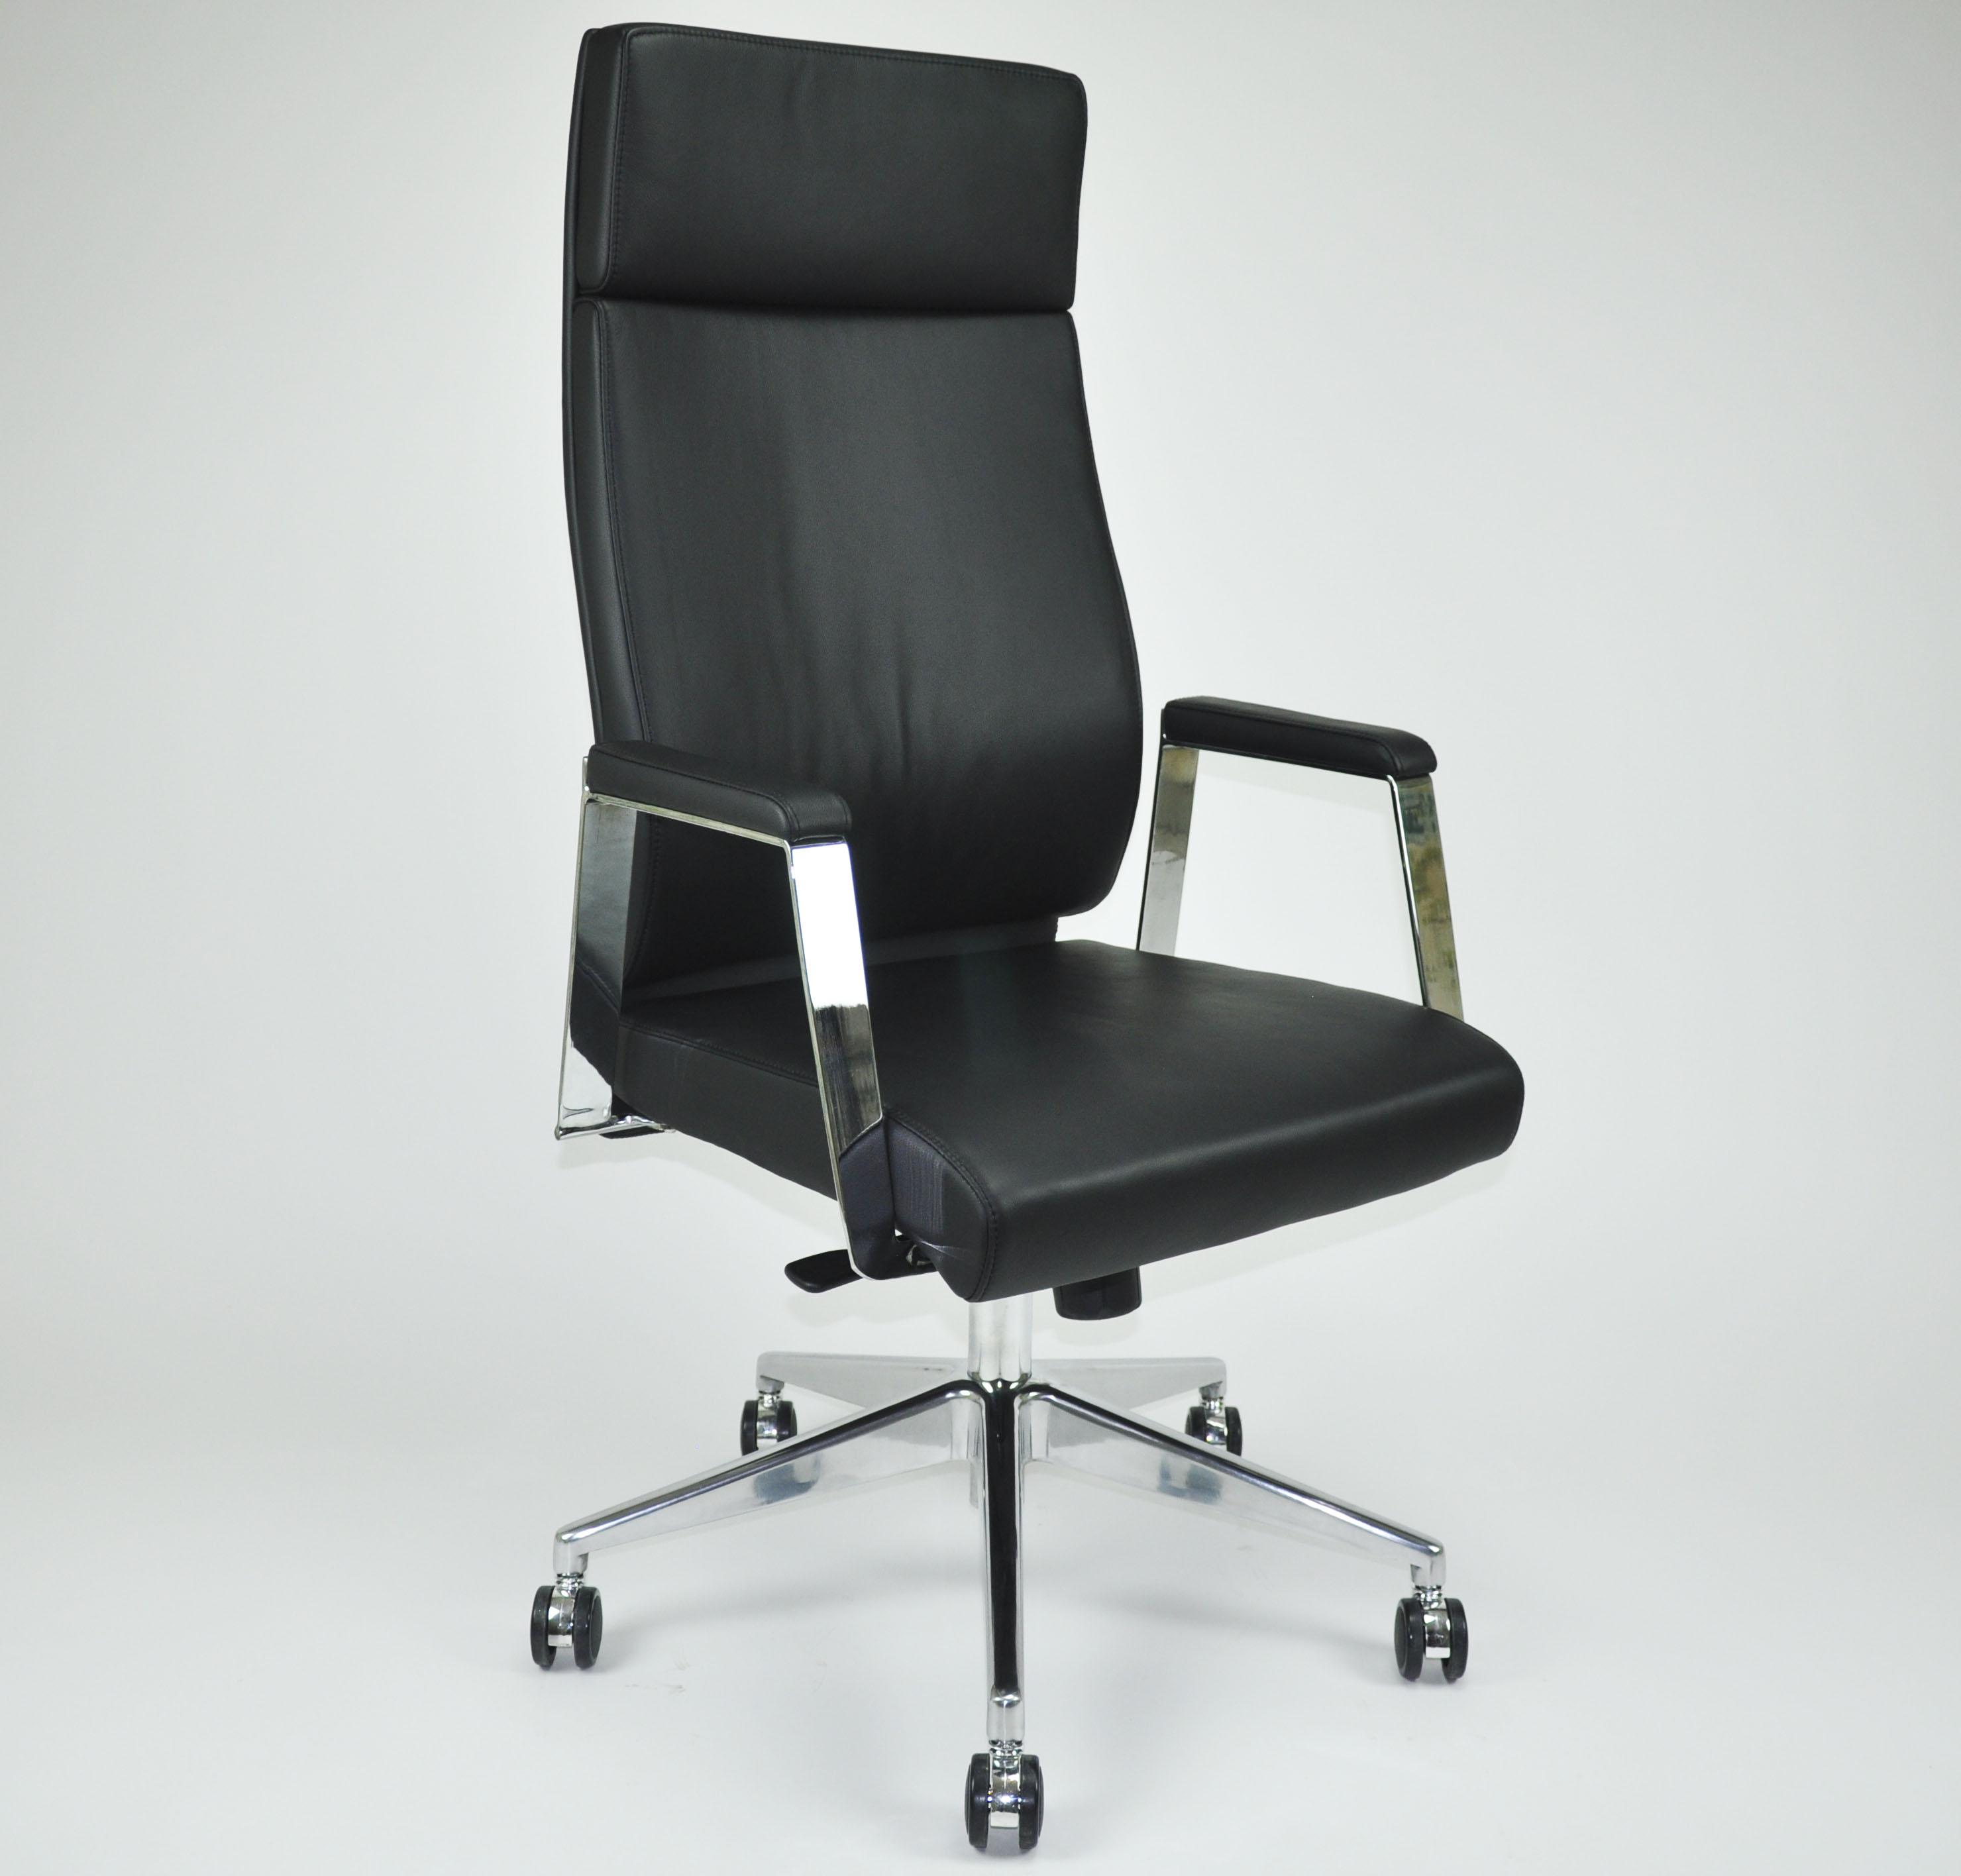 BOTIN-2C Sillería  - Mobiliario de Oficina